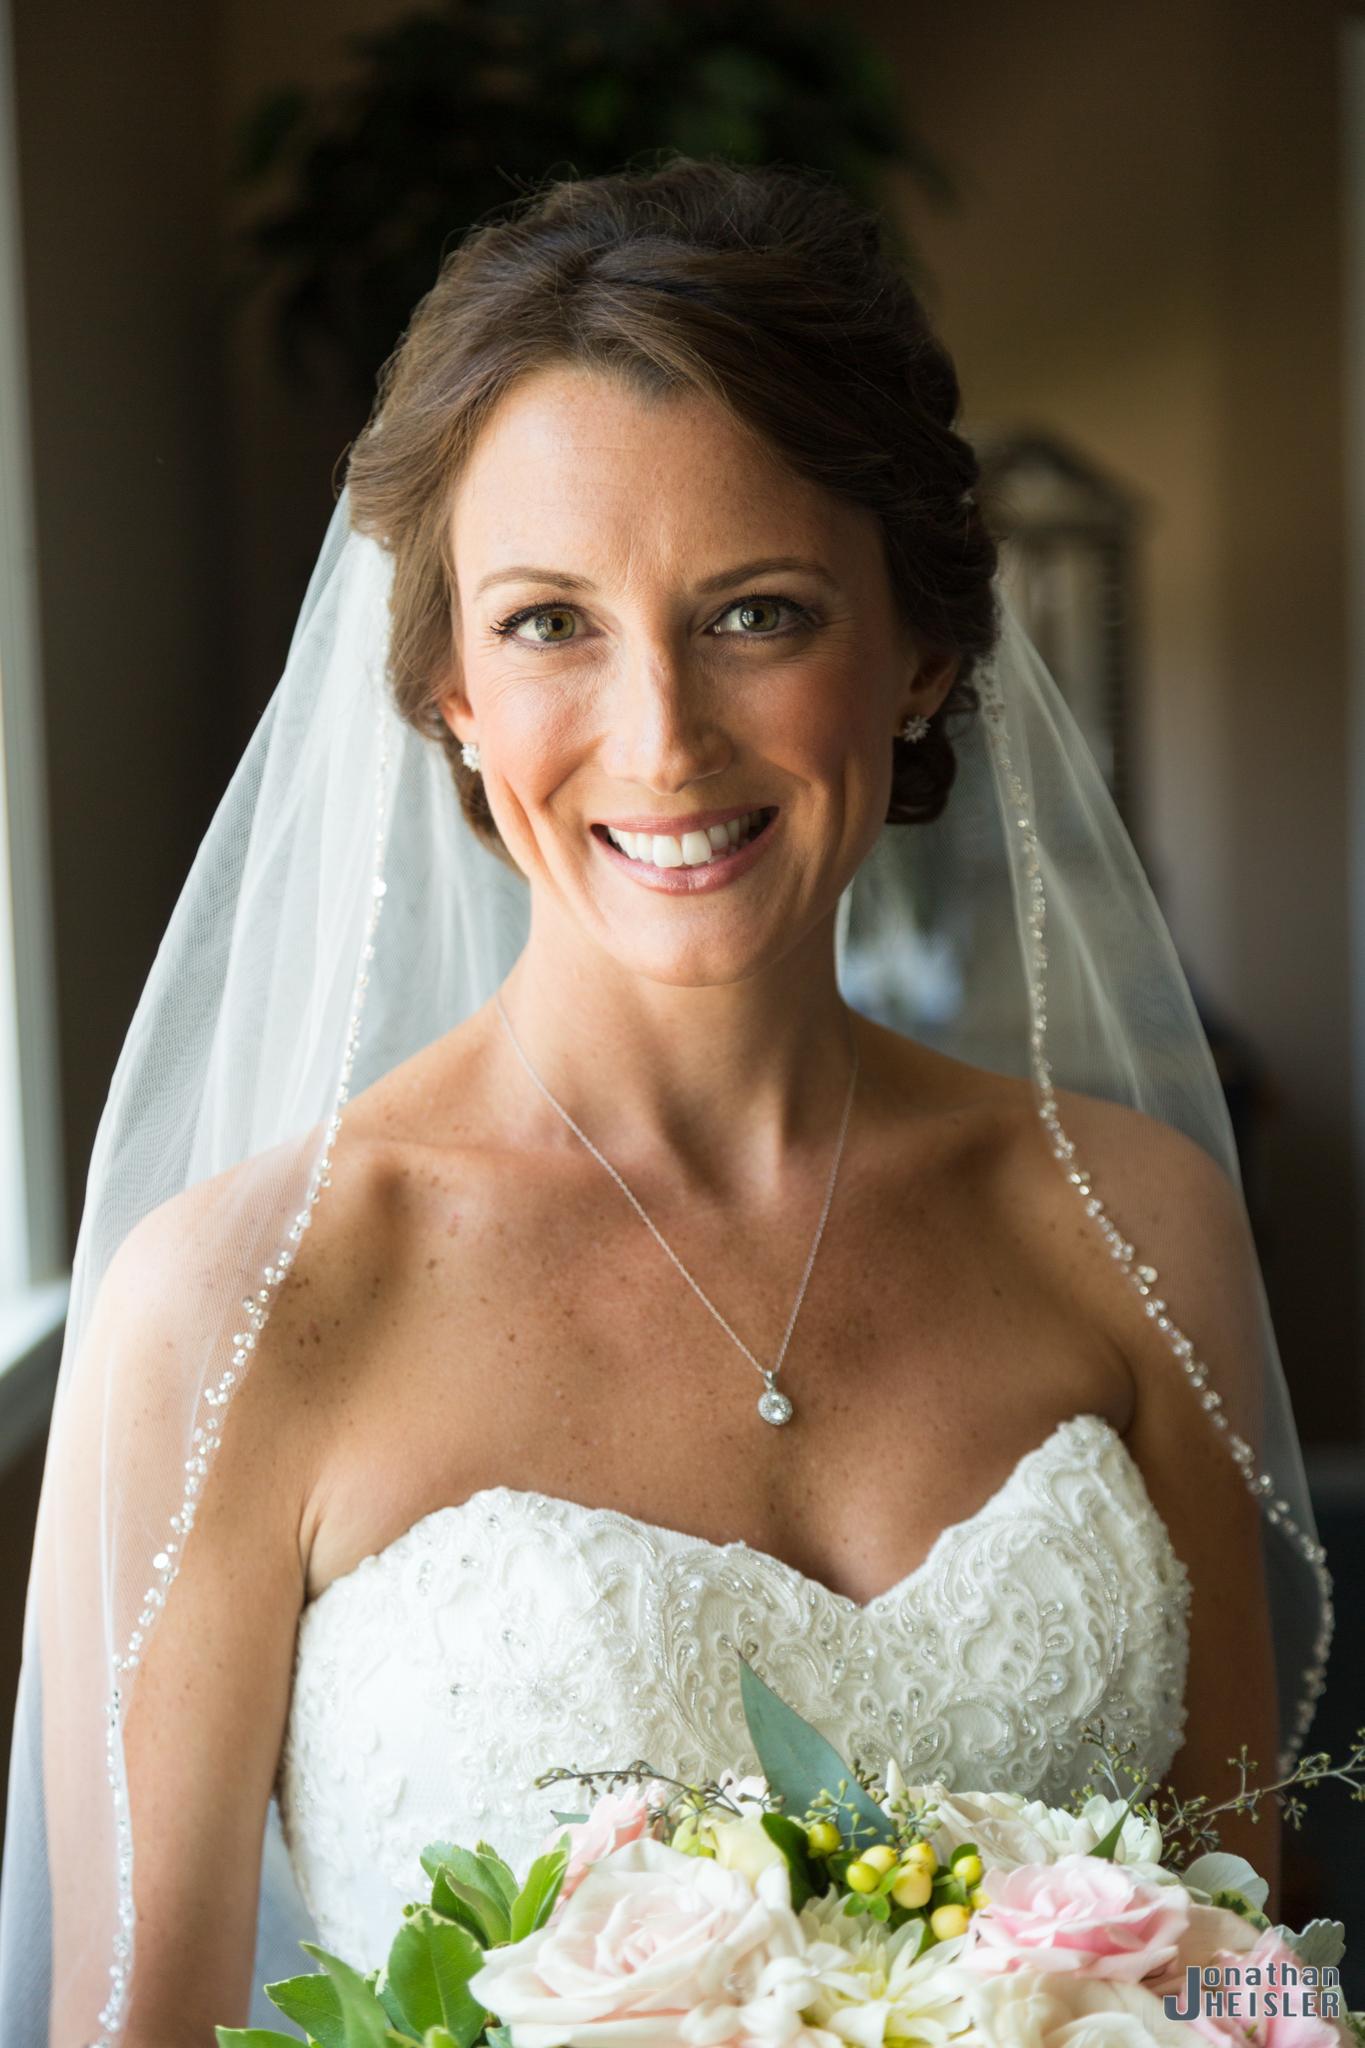 Long Island Wedding Photographer _ Jonathan Heisler  _  7-12-2014_00100.jpg